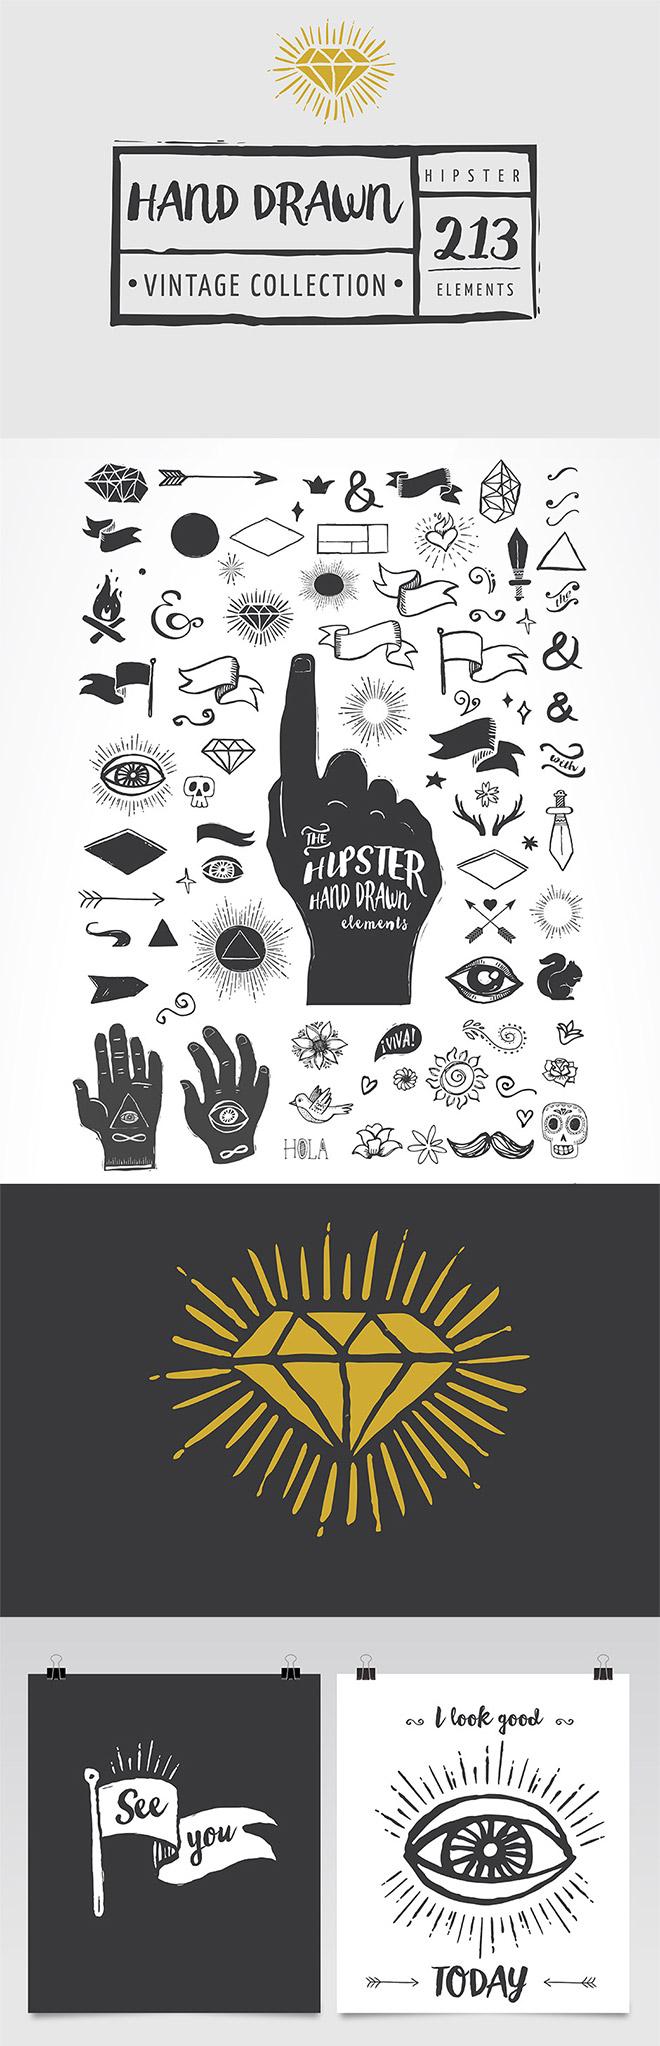 Vintage Hipster Hand-inked Elements